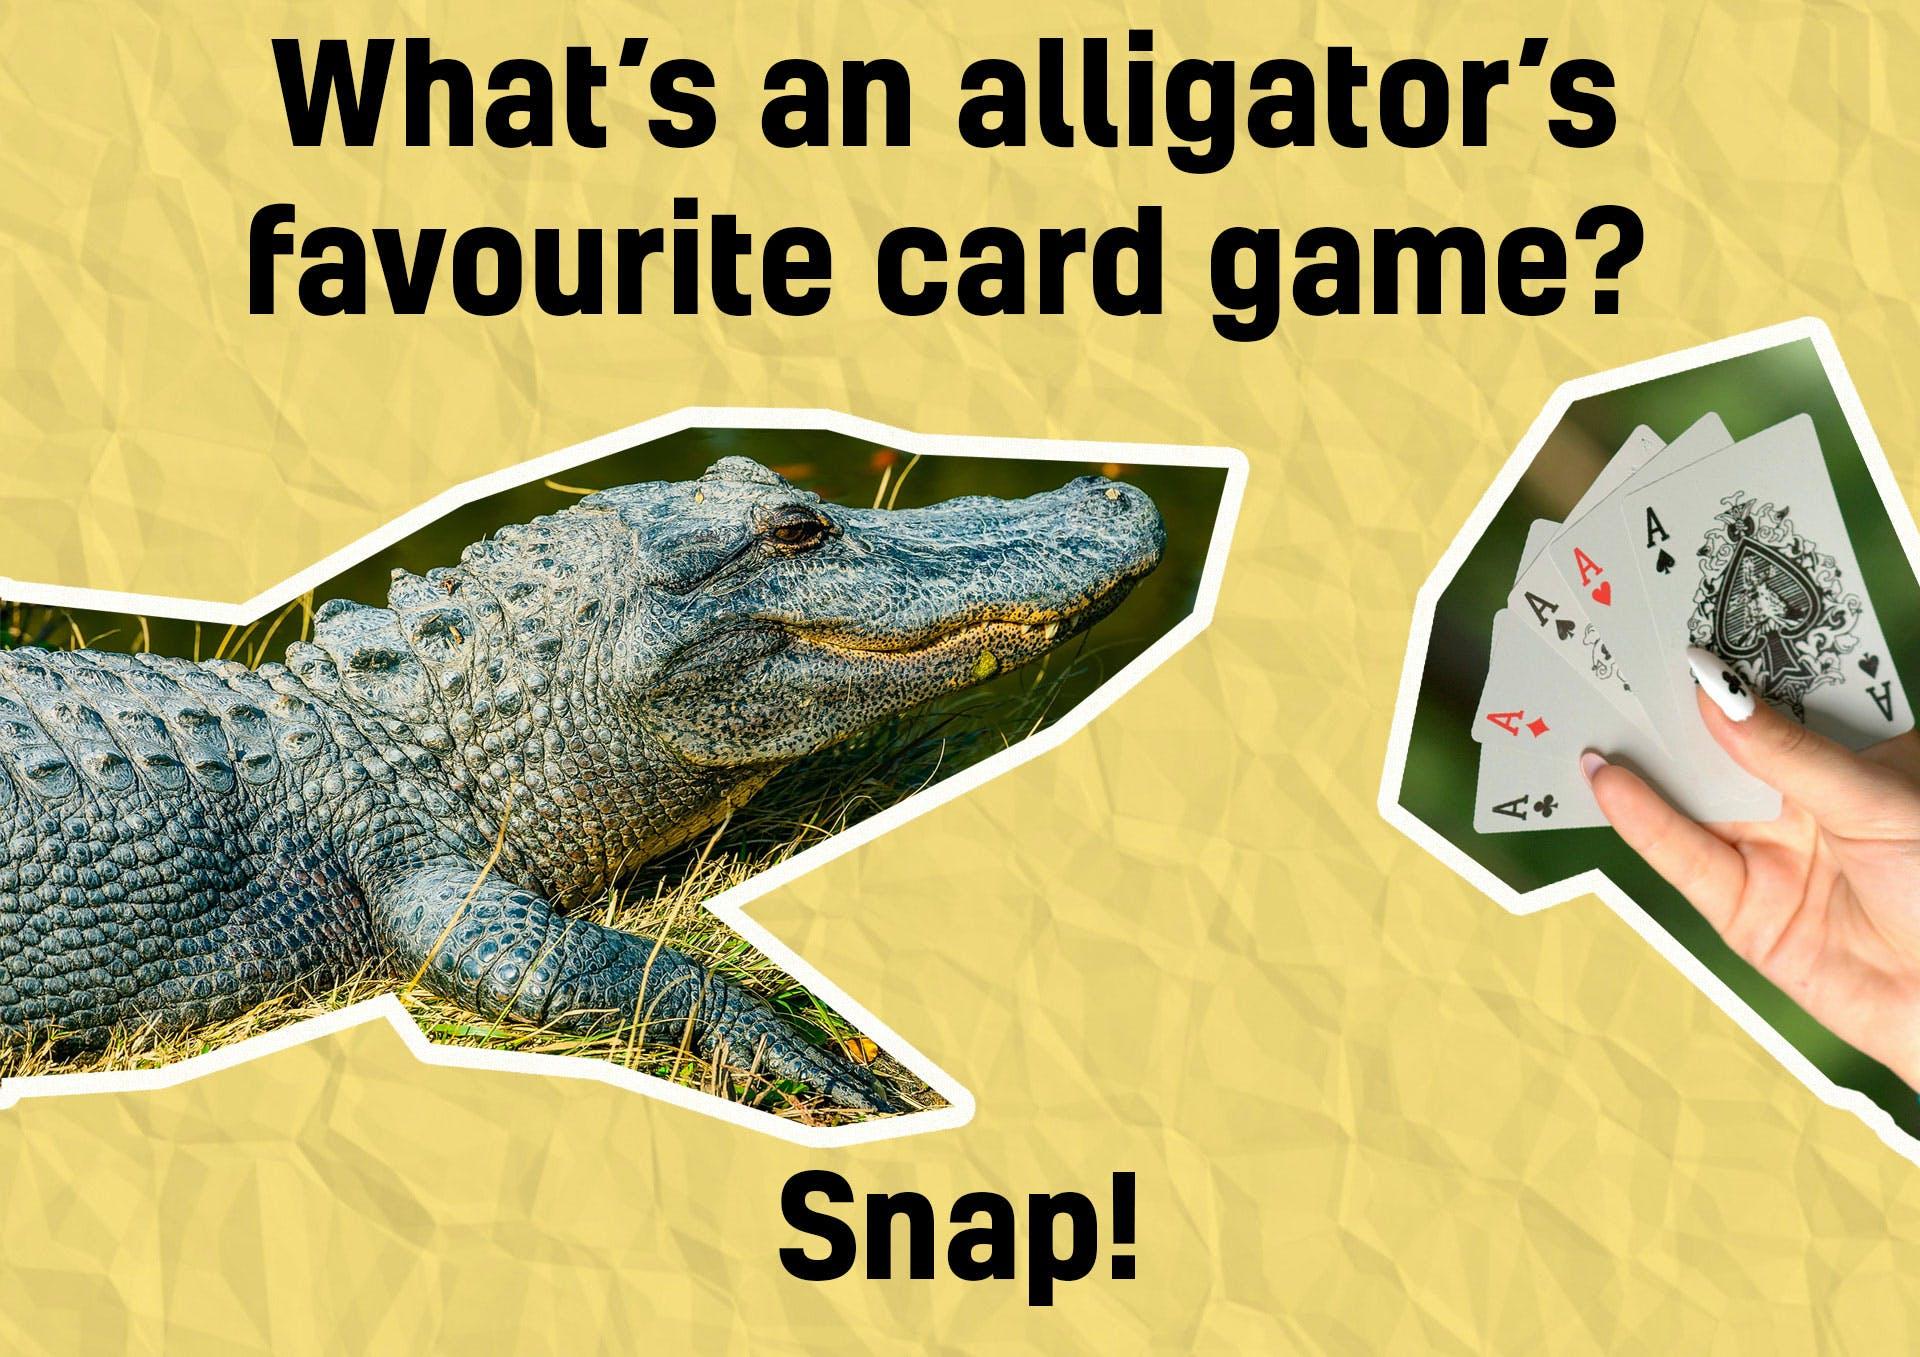 Alligator joke